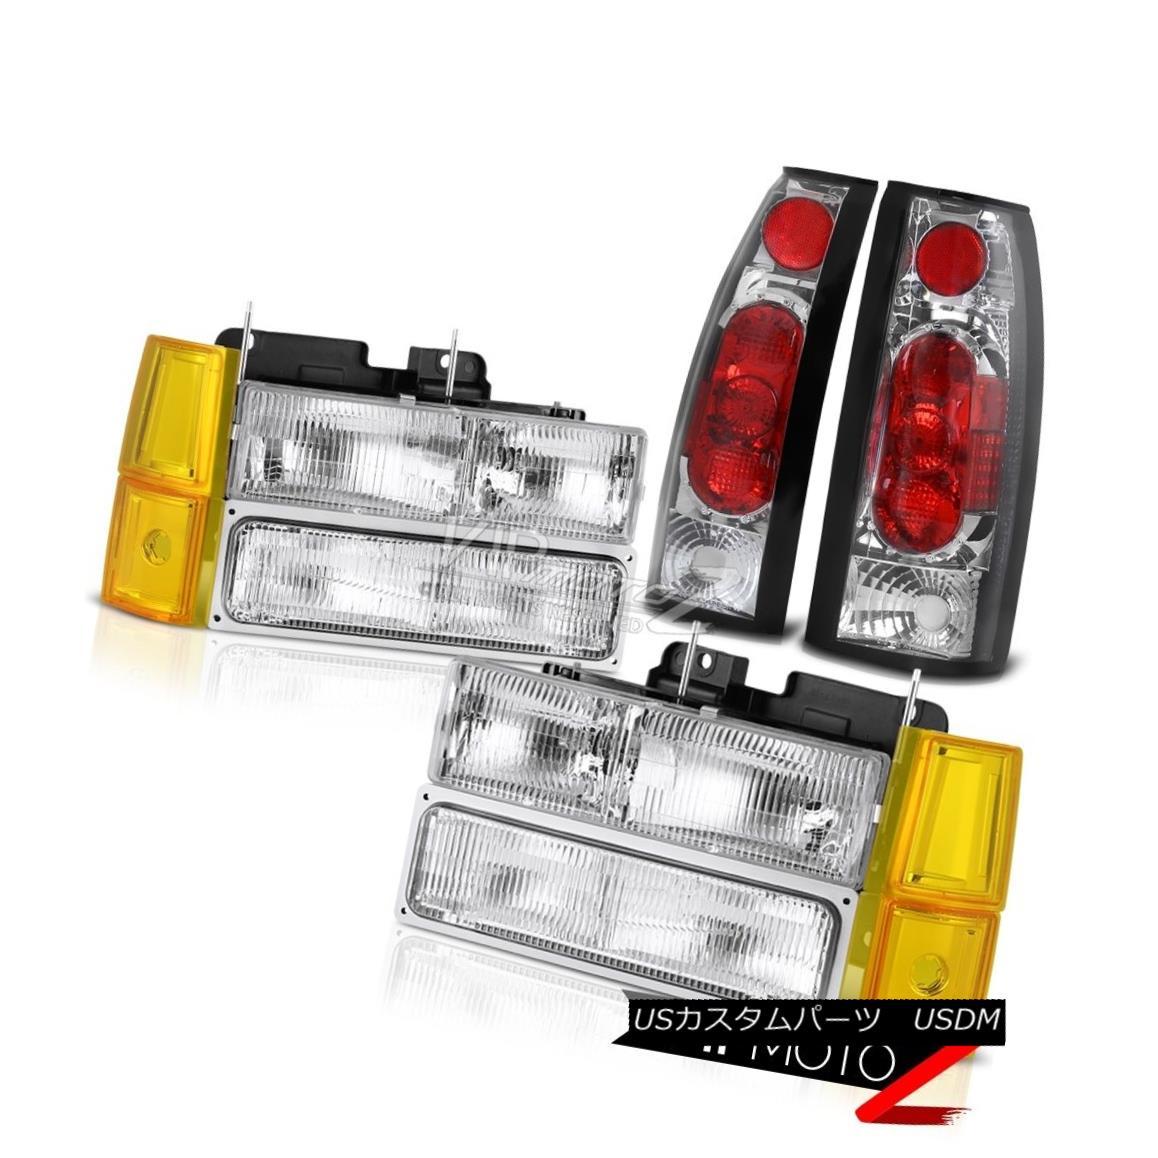 ヘッドライト 1994-1998 GMC C2500 Crystal Clear Headlamps Corner Taillights Altezza Assembly 1994-1998 GMC C2500クリスタルクリアヘッドランプコーナーテイルライトAltezzaアセンブリ